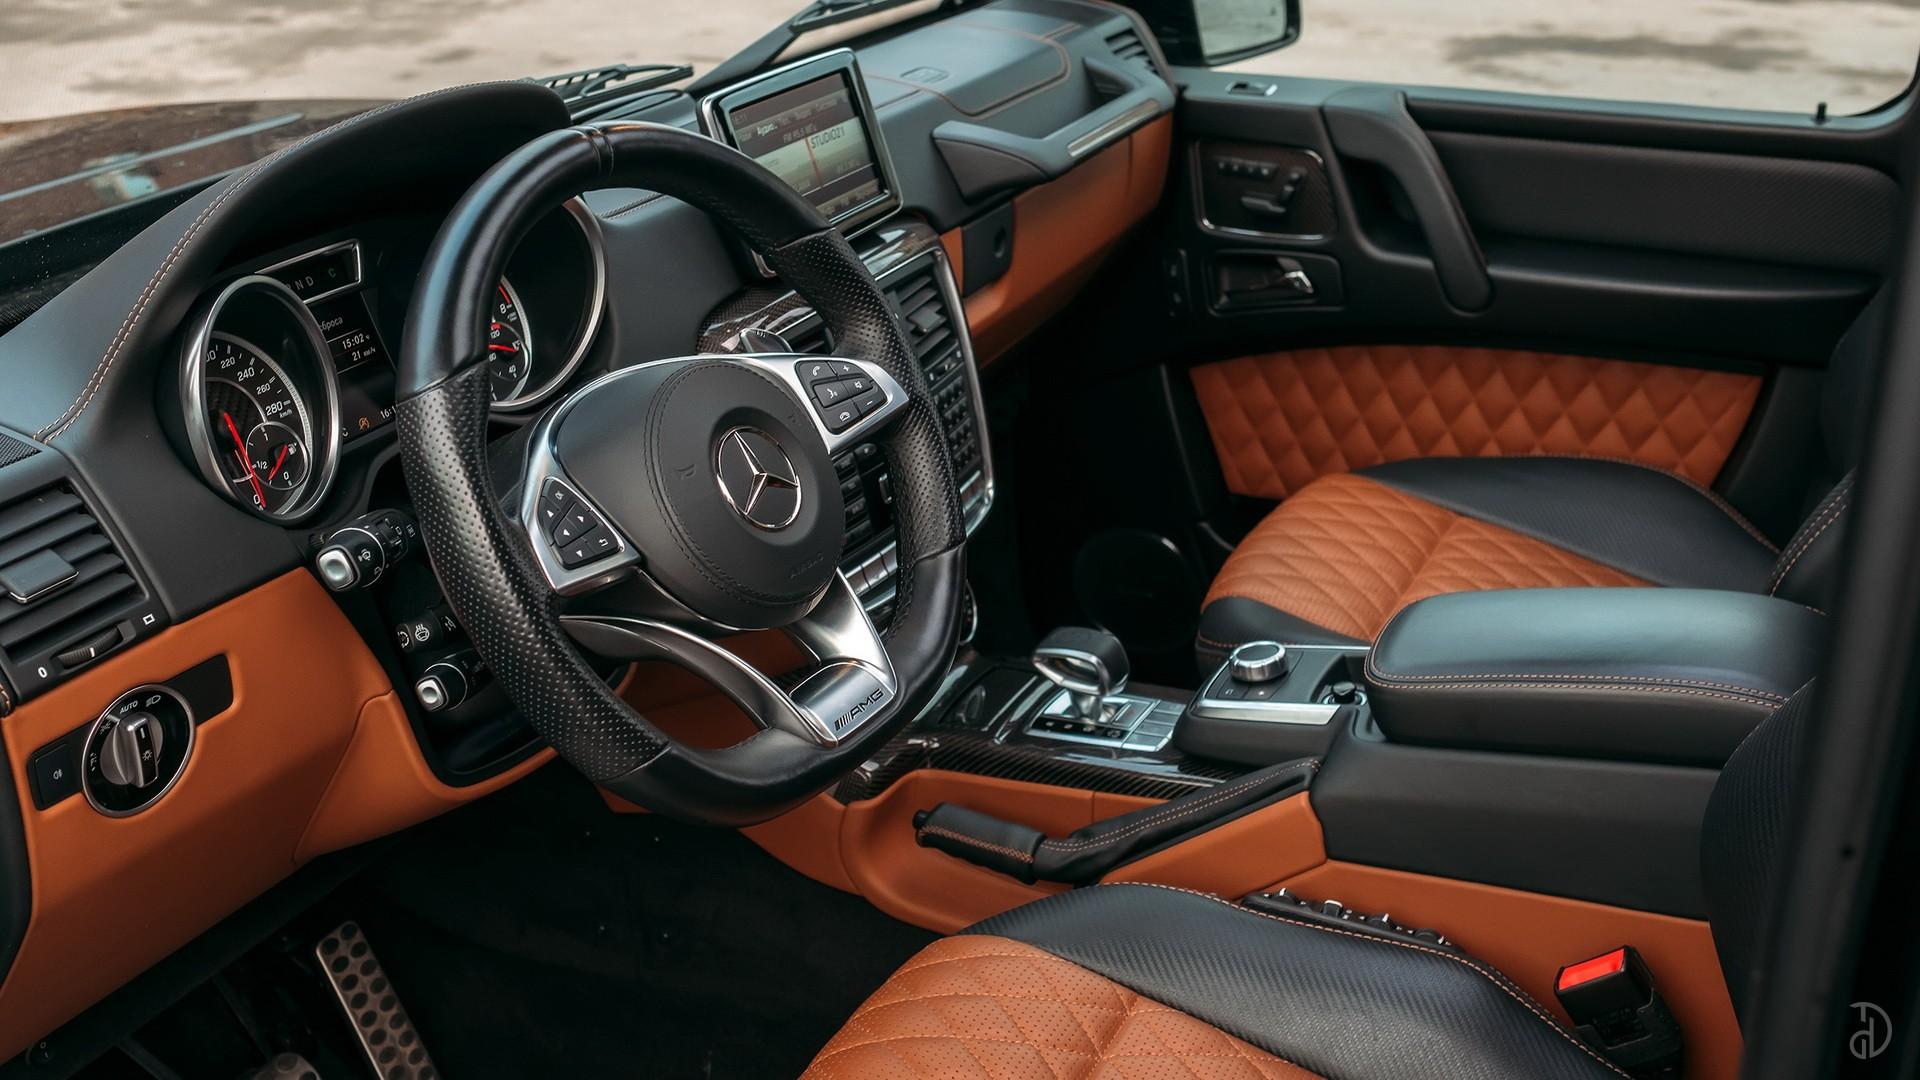 Mercedes G 63 AMG (Гелендваген). Фото 15